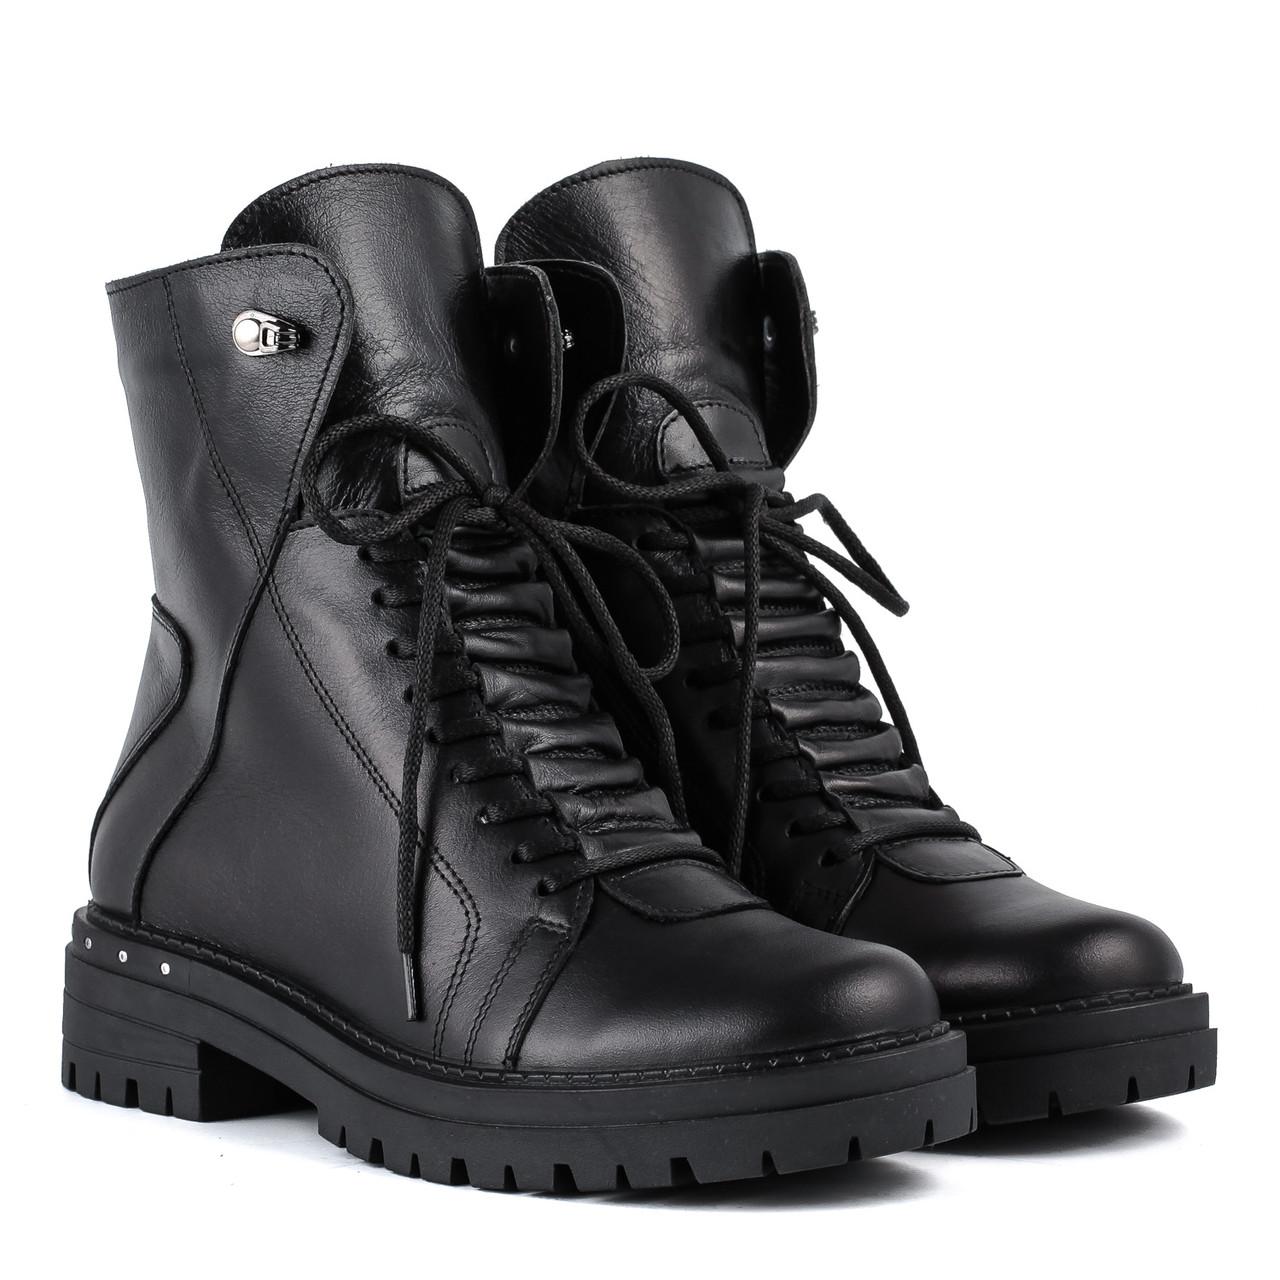 e087eefa5 Купить Ботинки женские Mariani(кожаные, зимние, теплые, стильные ...